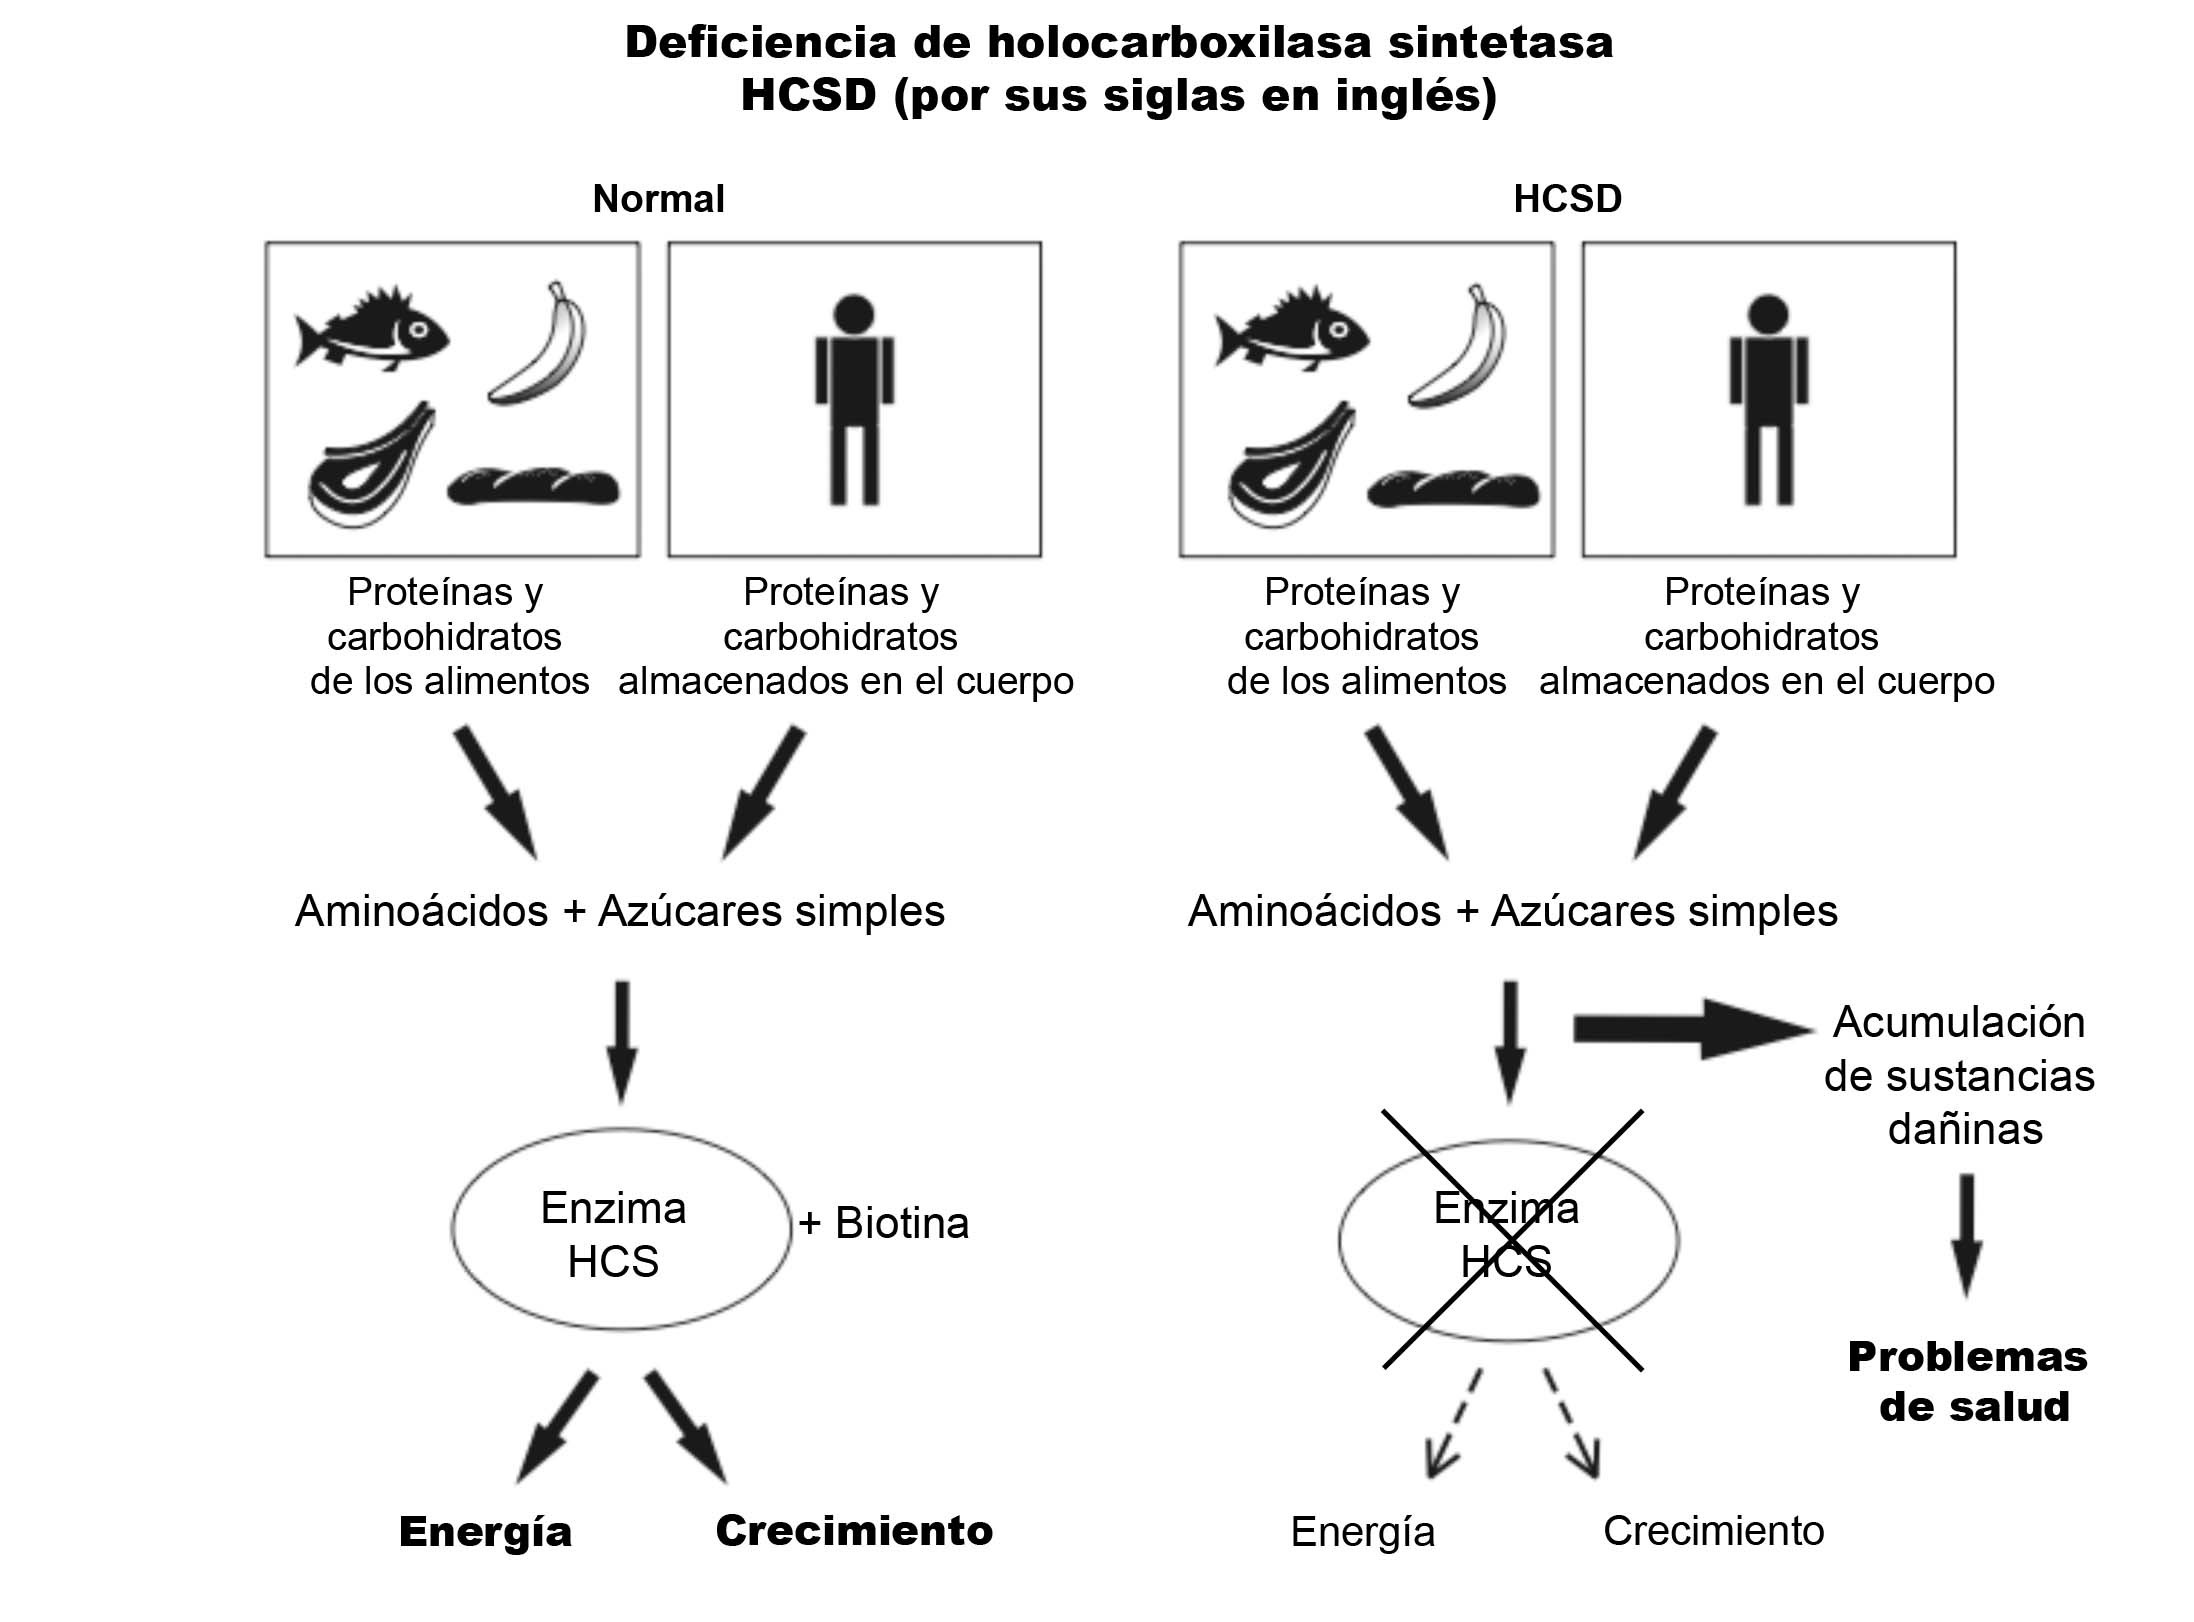 HCSD Diagram